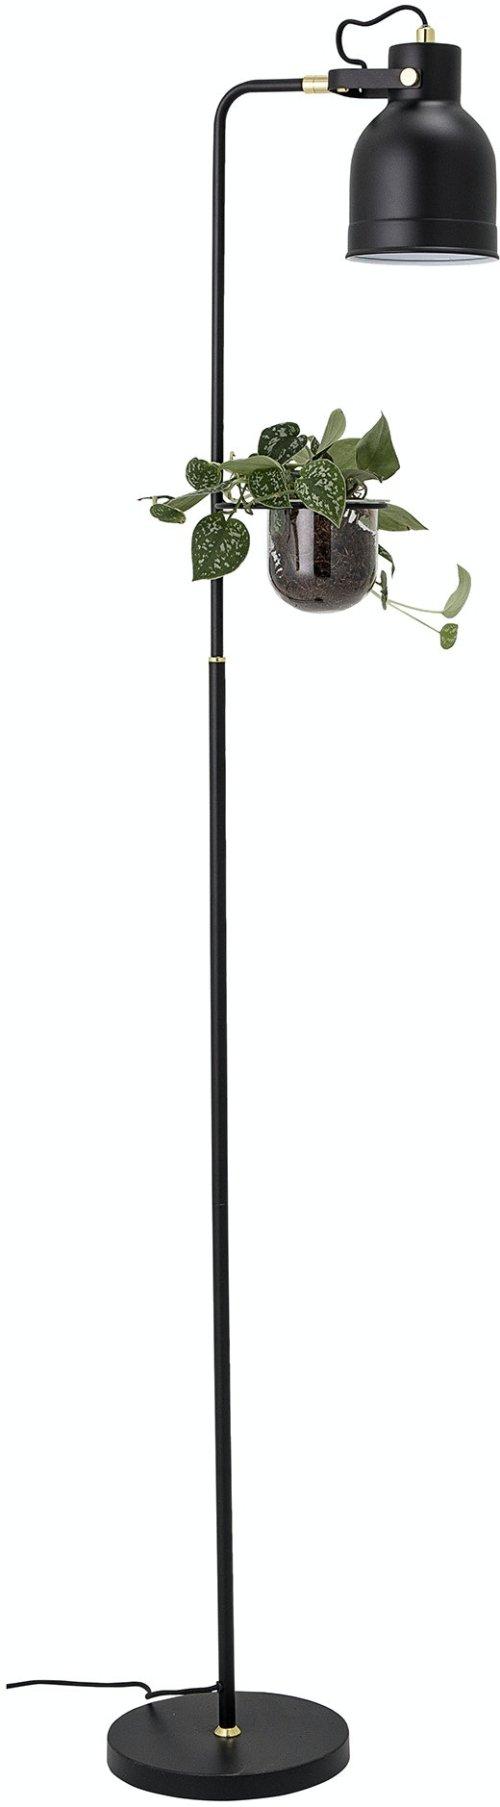 På billedet ser du variationen Agnete, Gulvlampe, Sort, Metal fra brandet Bloomingville i en størrelse H: 158 cm. B: 33 cm. L: 23 cm. i farven Sort